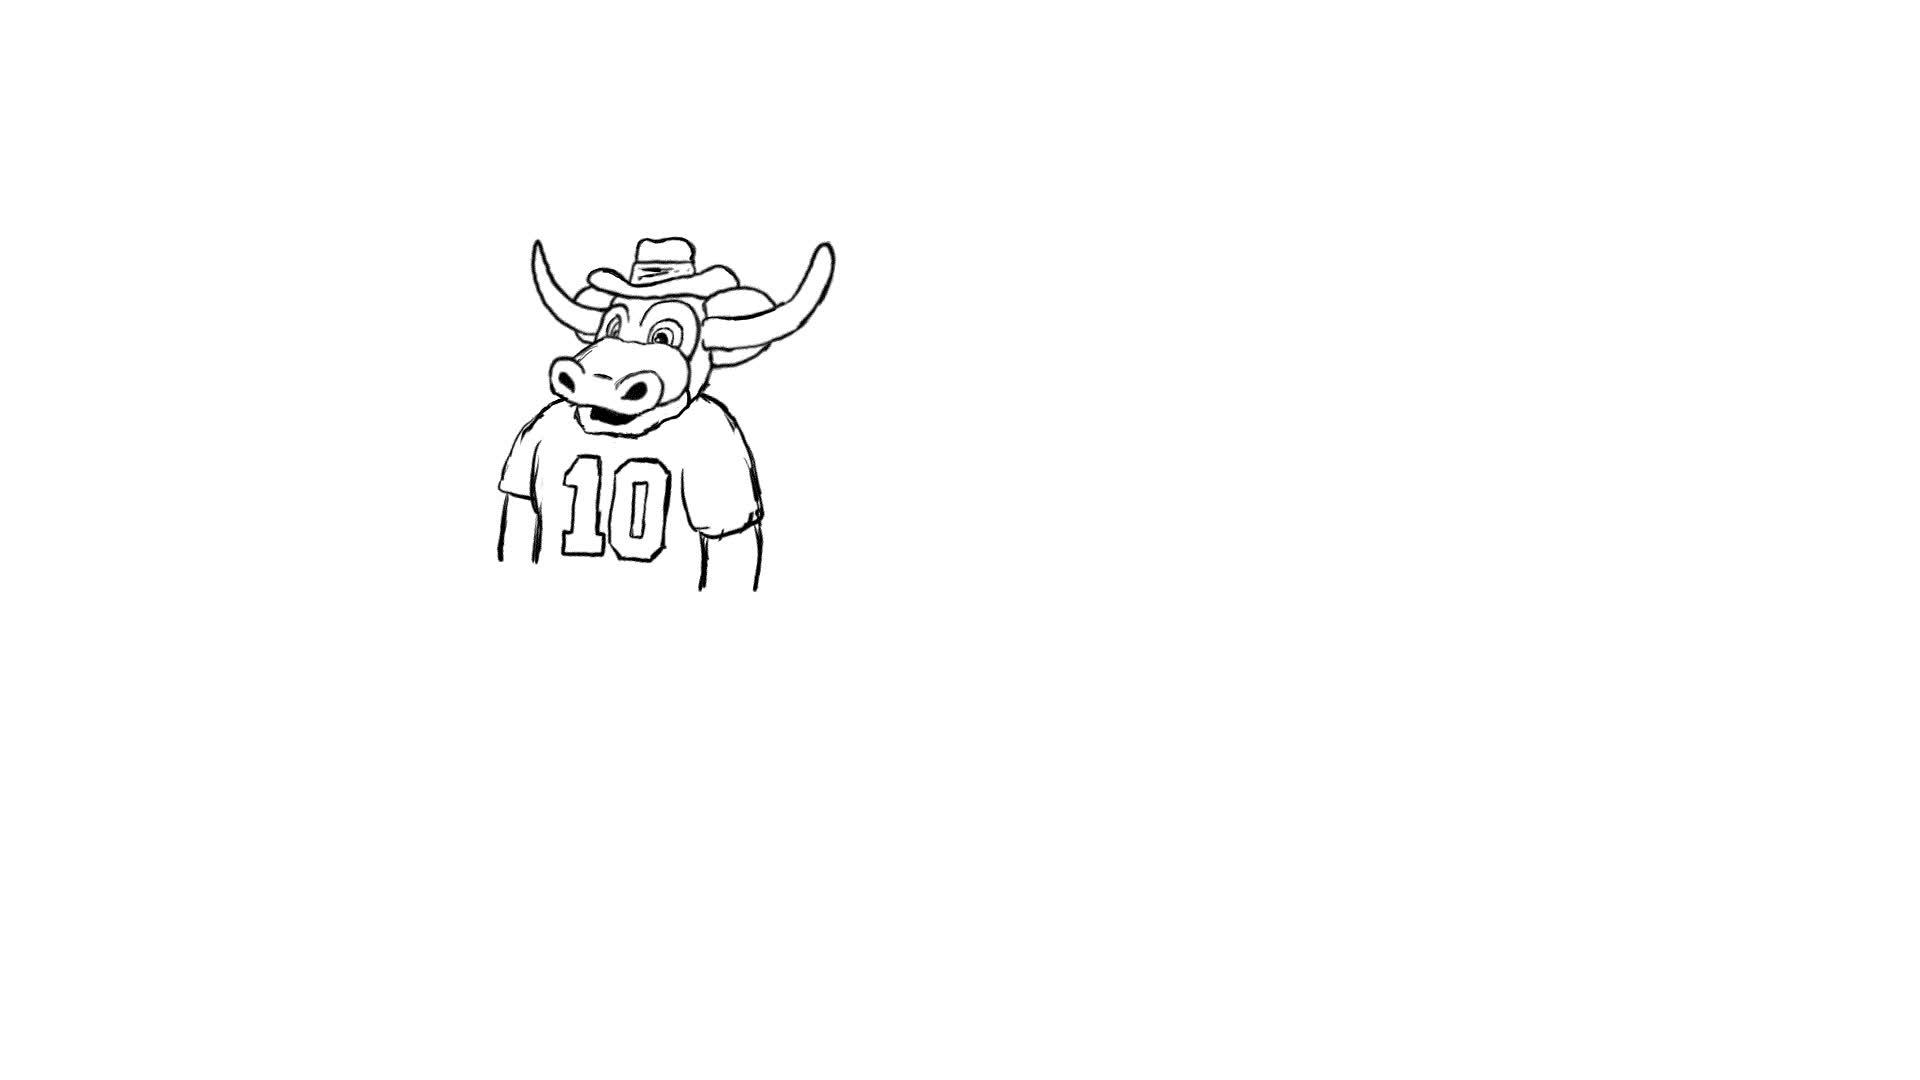 Bevo Sneezing Animation.gif GIFs